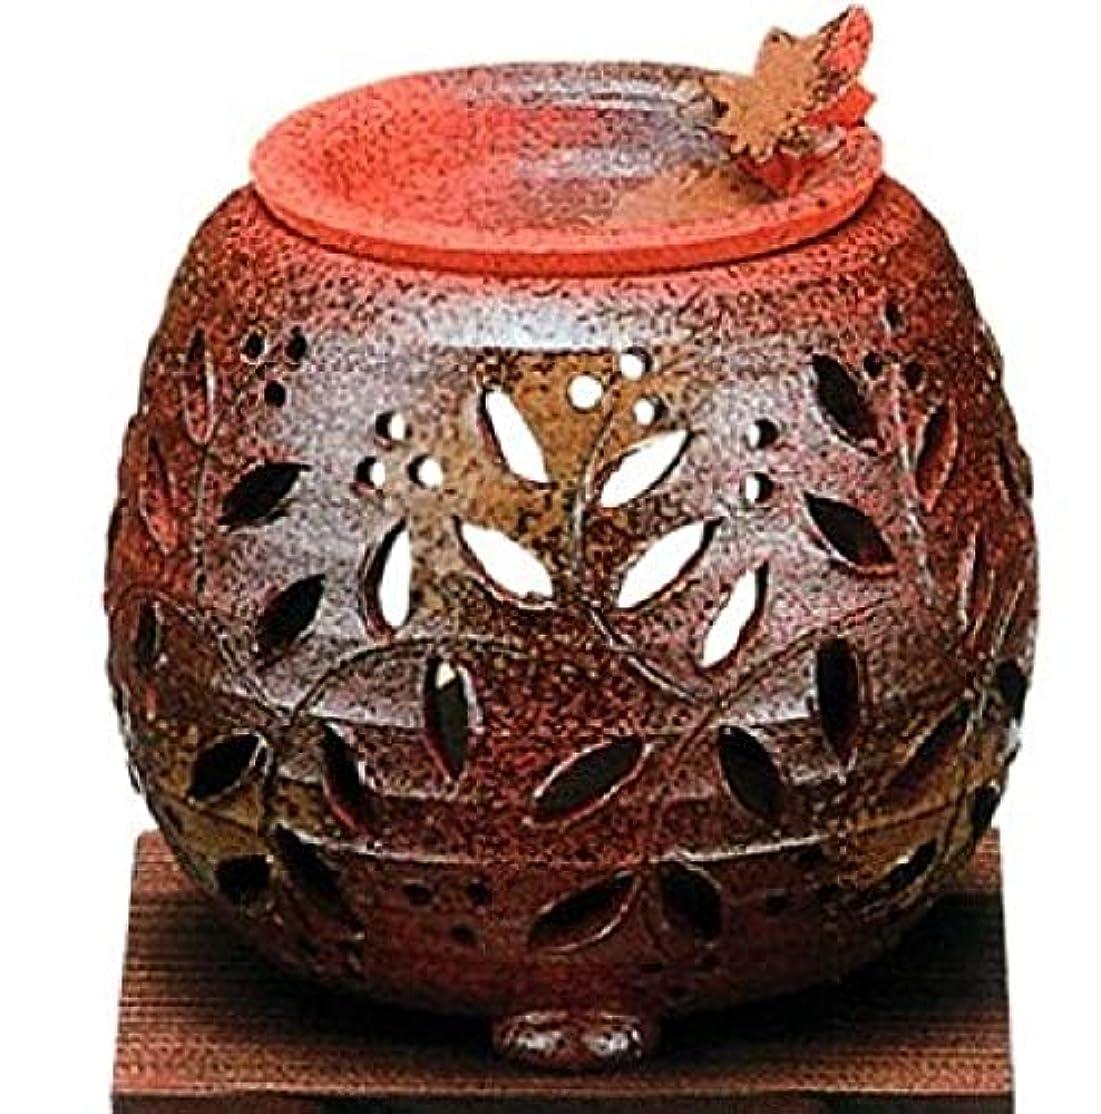 オープニング比類なき小石常滑焼?石龍窯 カ38-12 茶香炉 タデ花 焼杉板付 約φ11×11cm